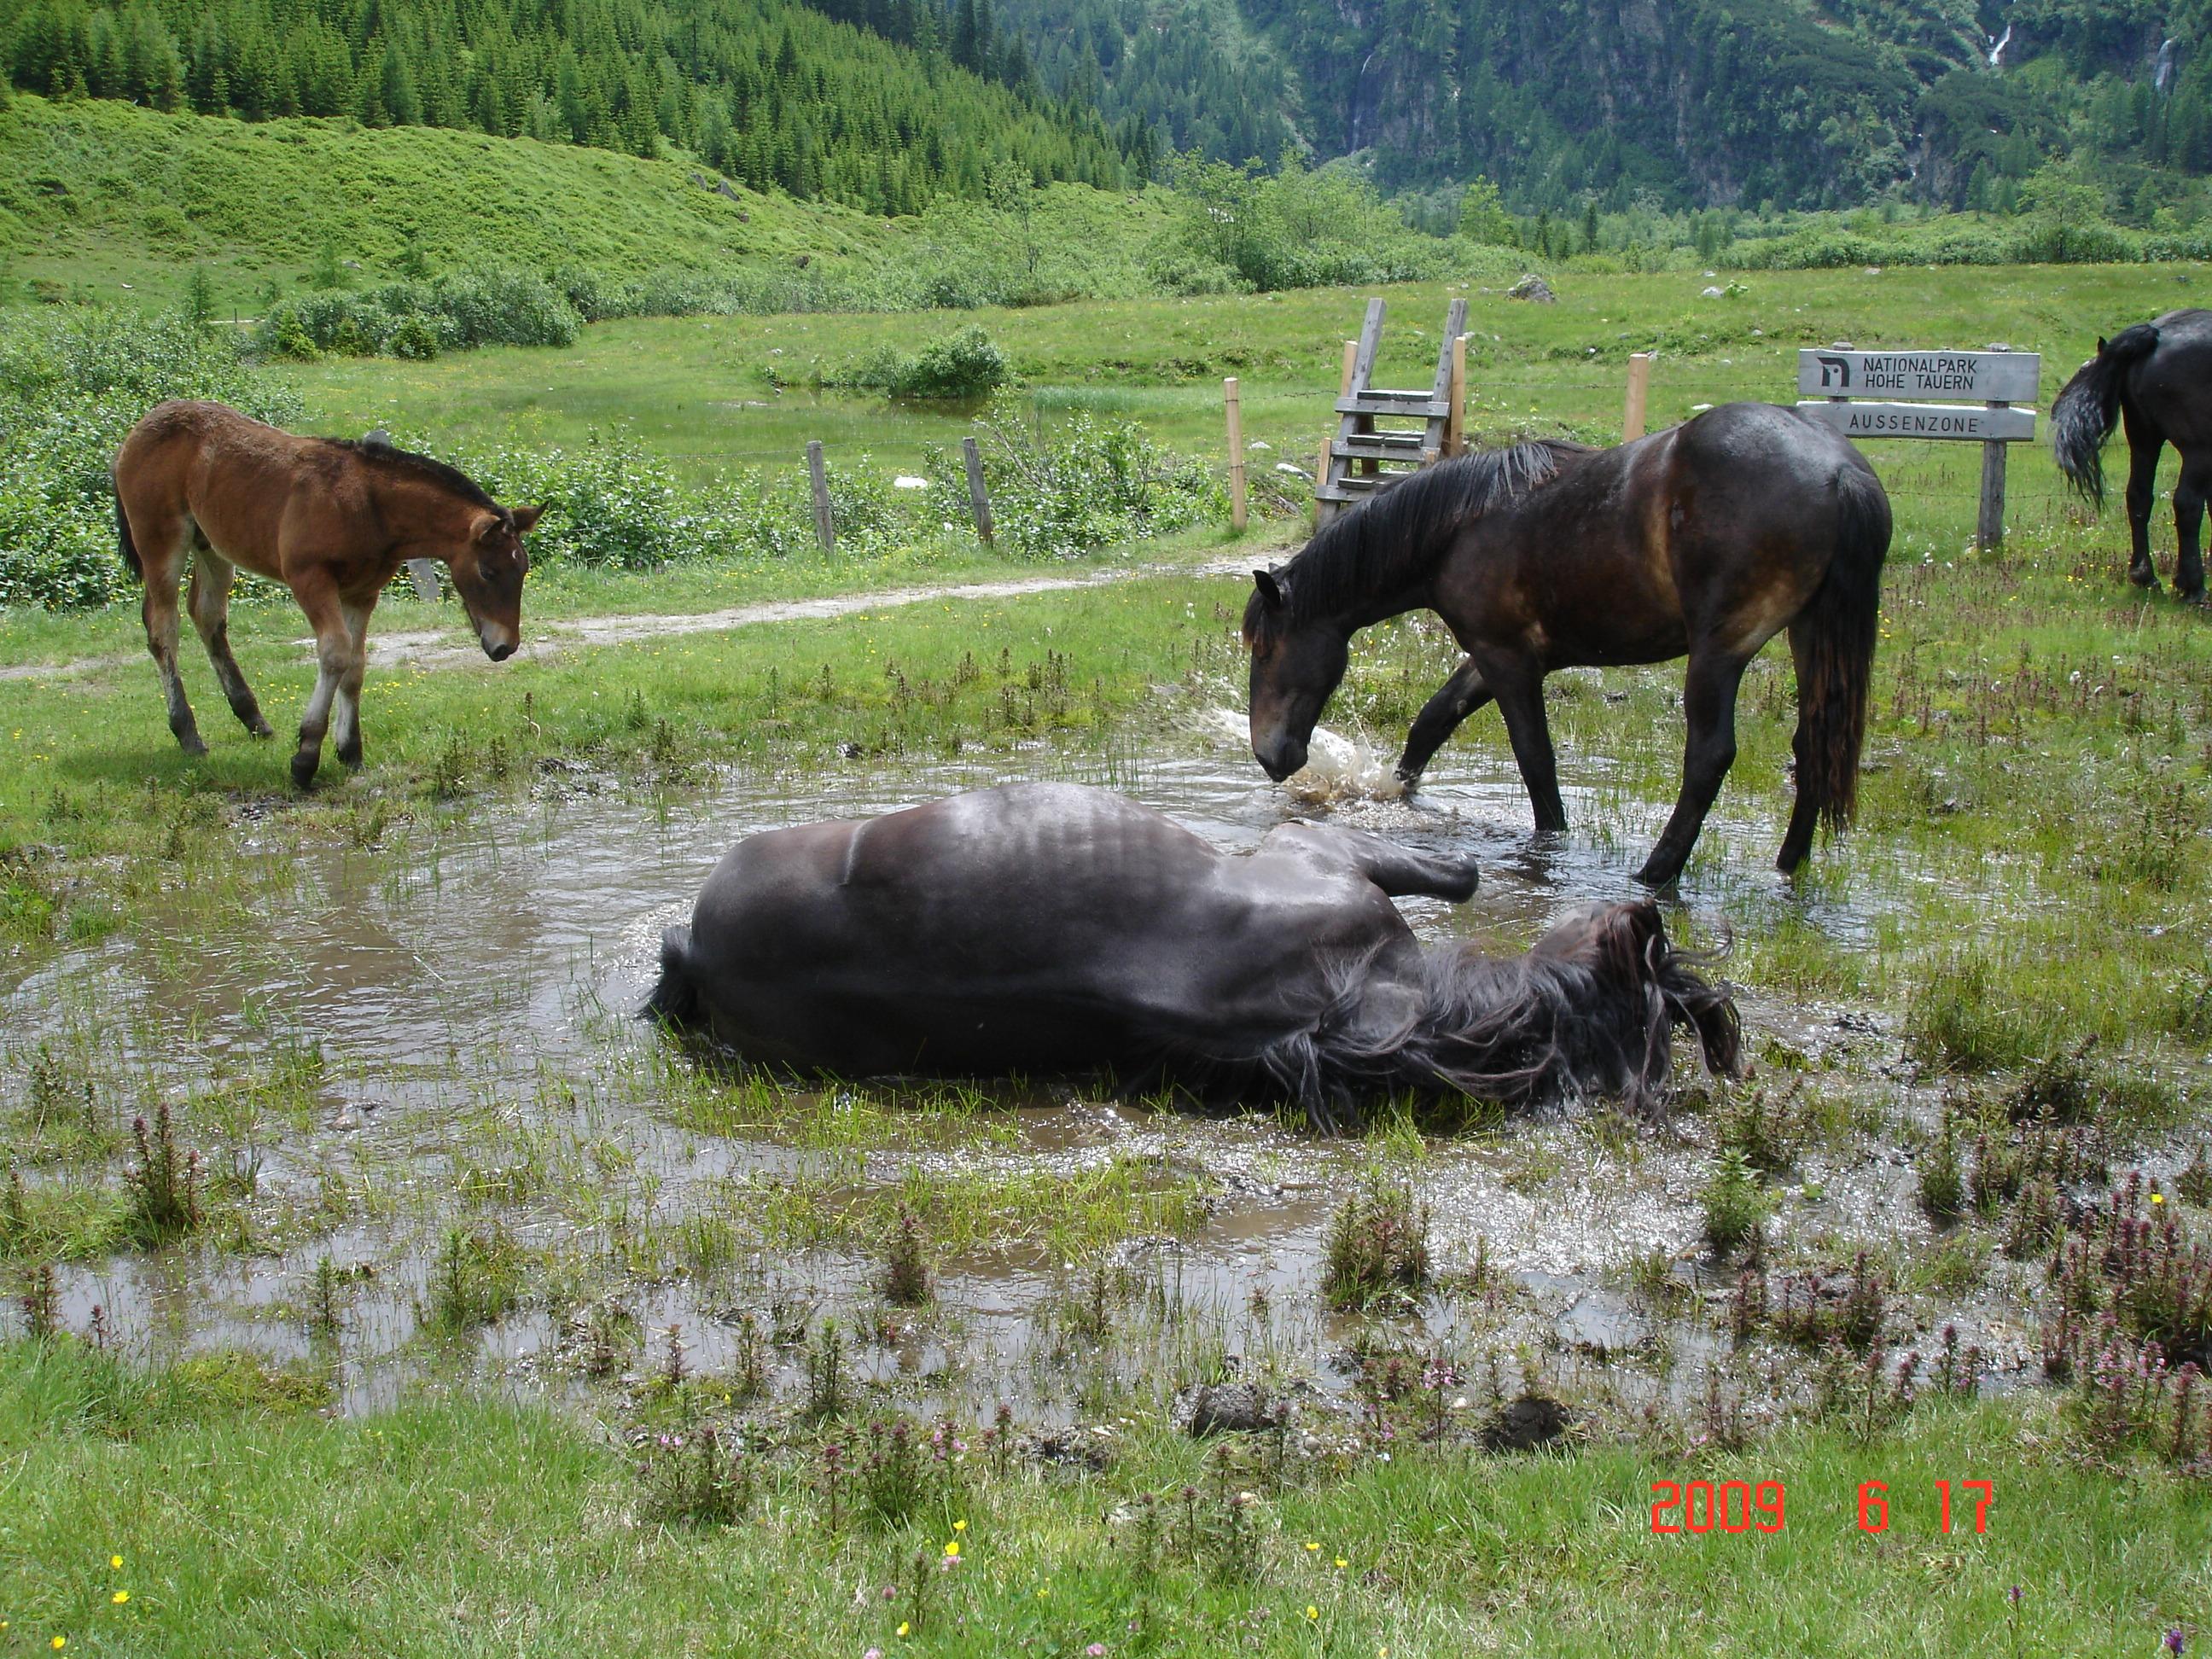 Pferde brauchen Wasser